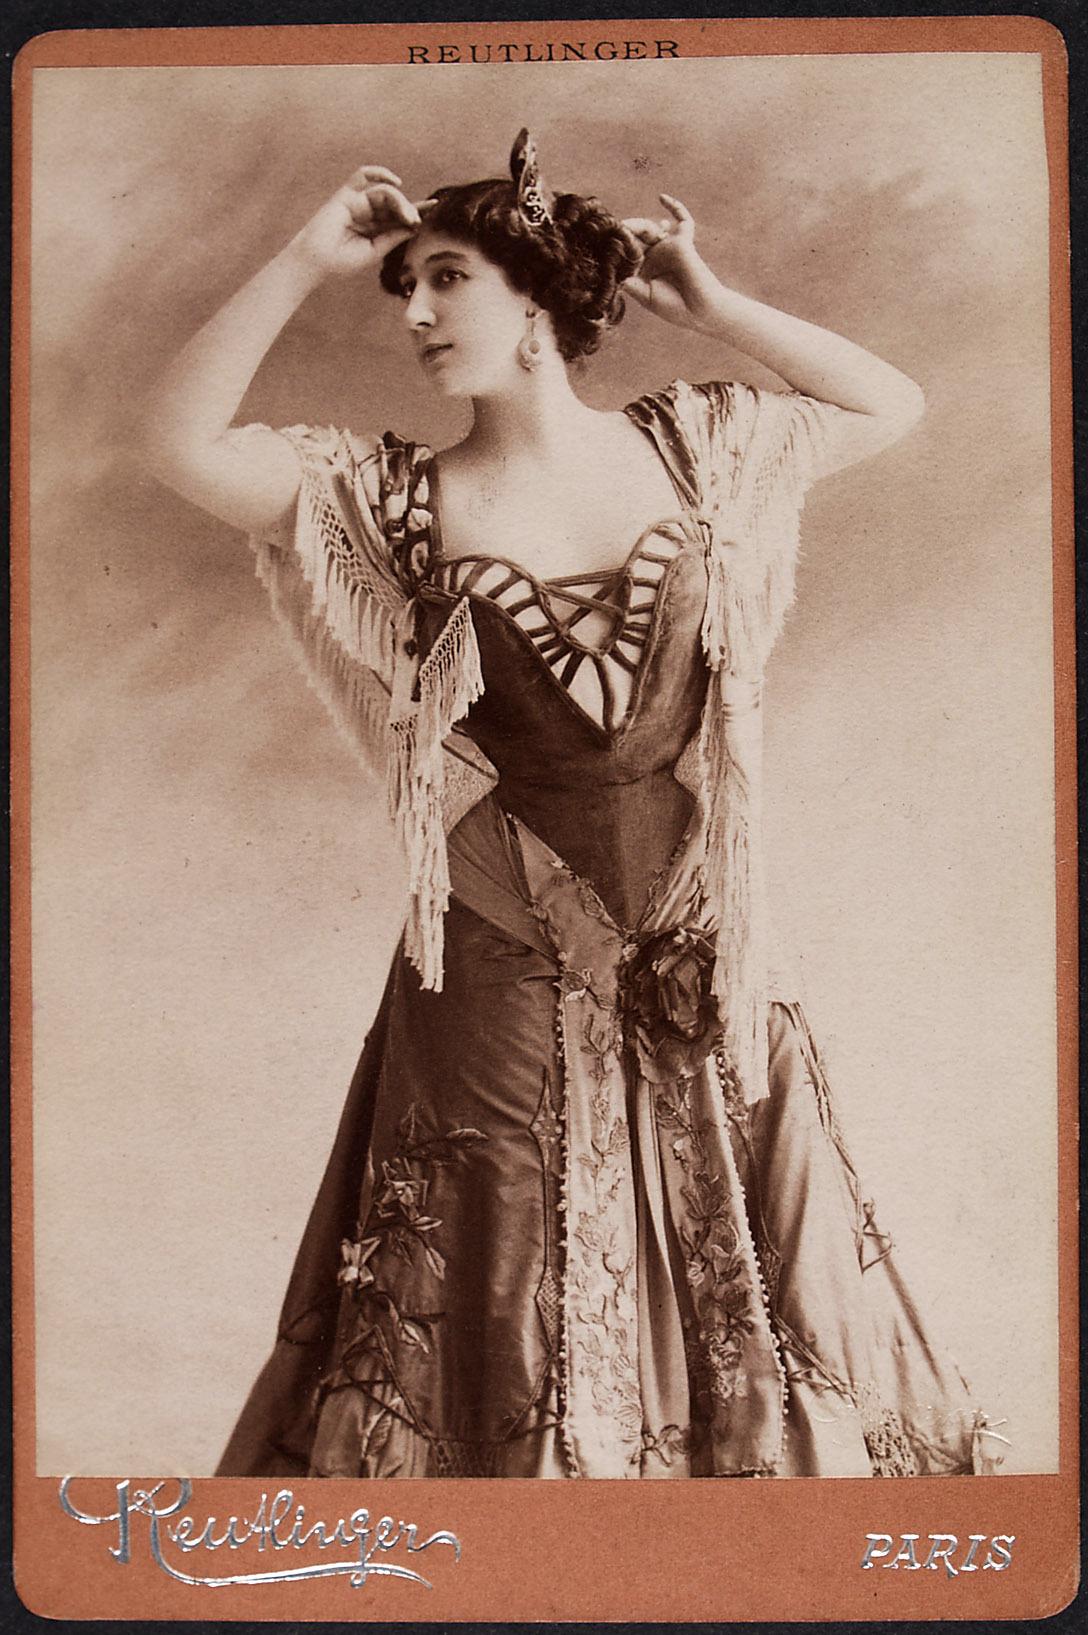 Caroline Otero von Reutlinger, Paris